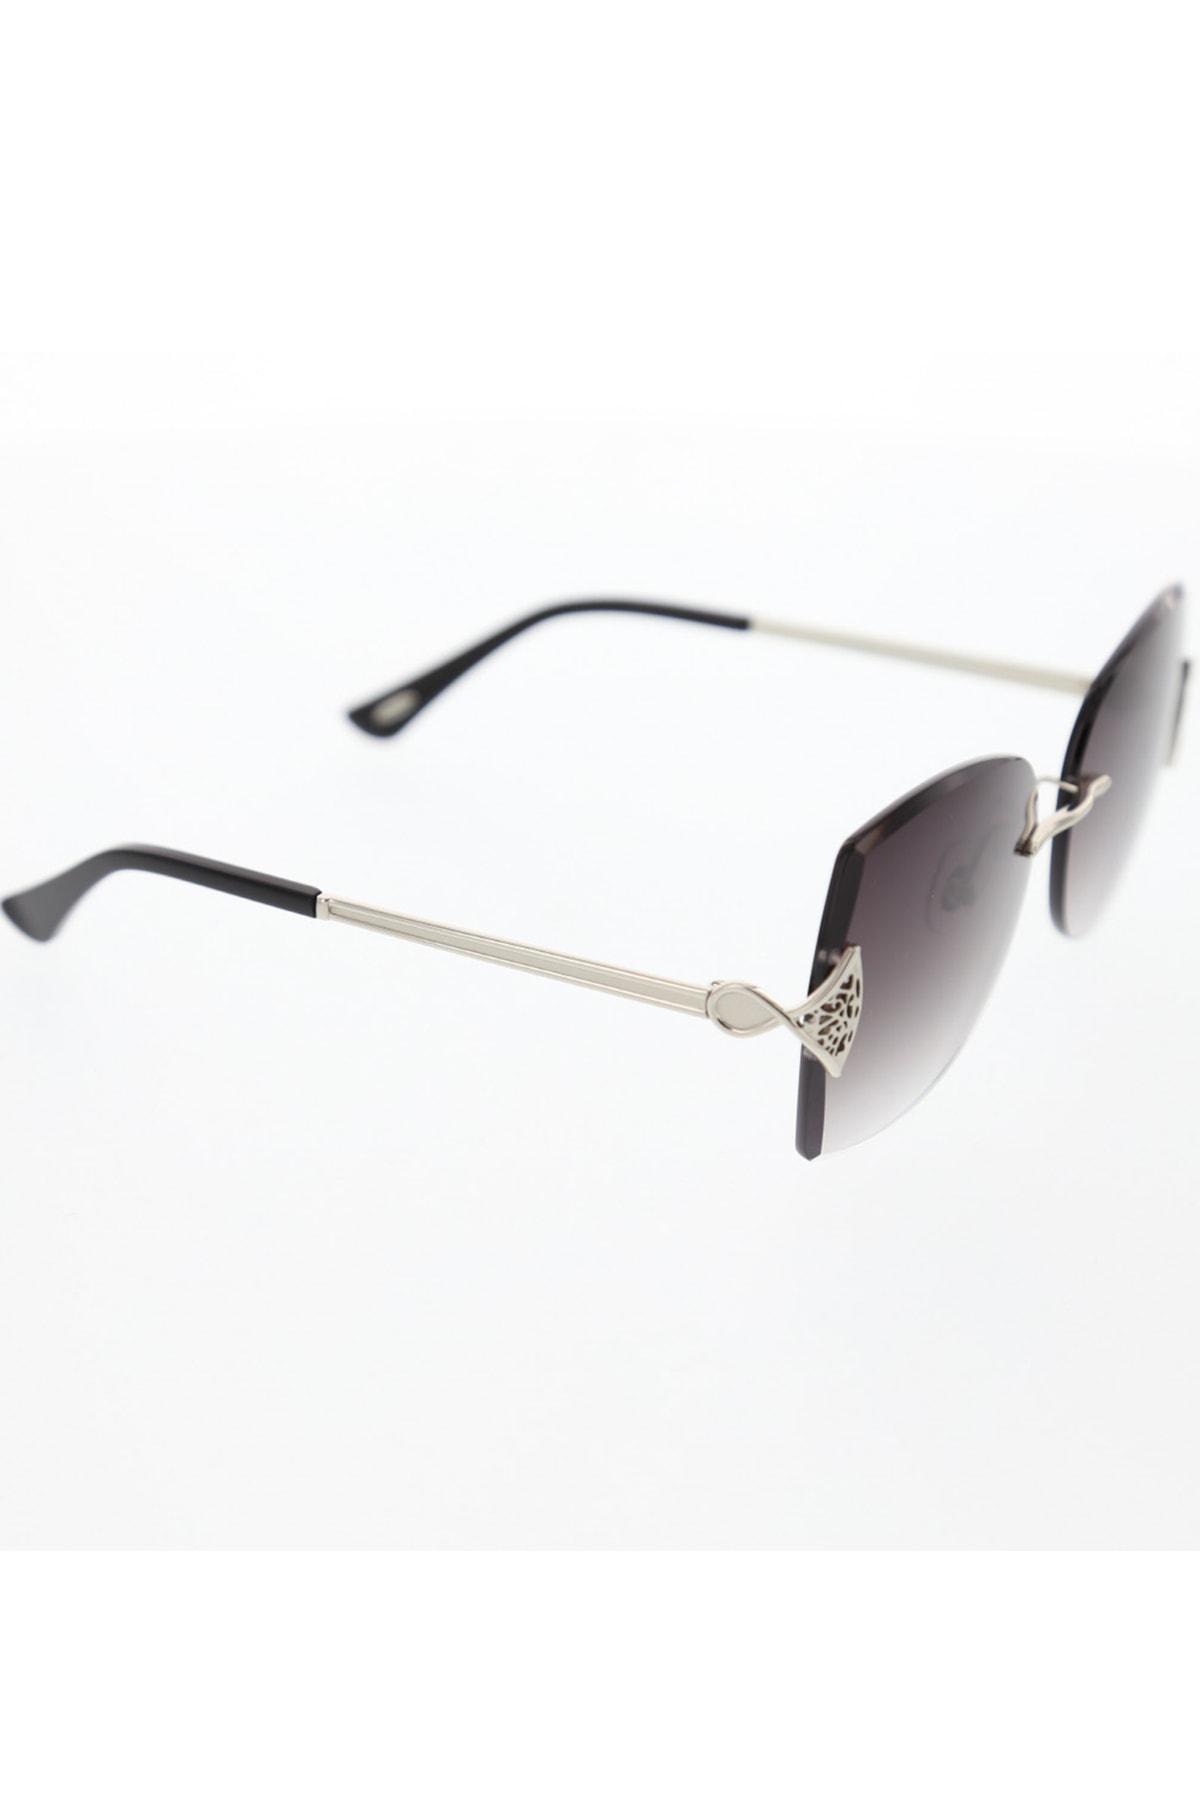 Osse Kadın Gümüş Çerçevesiz Güneş Gözlüğü OS 2597 COL 05 2